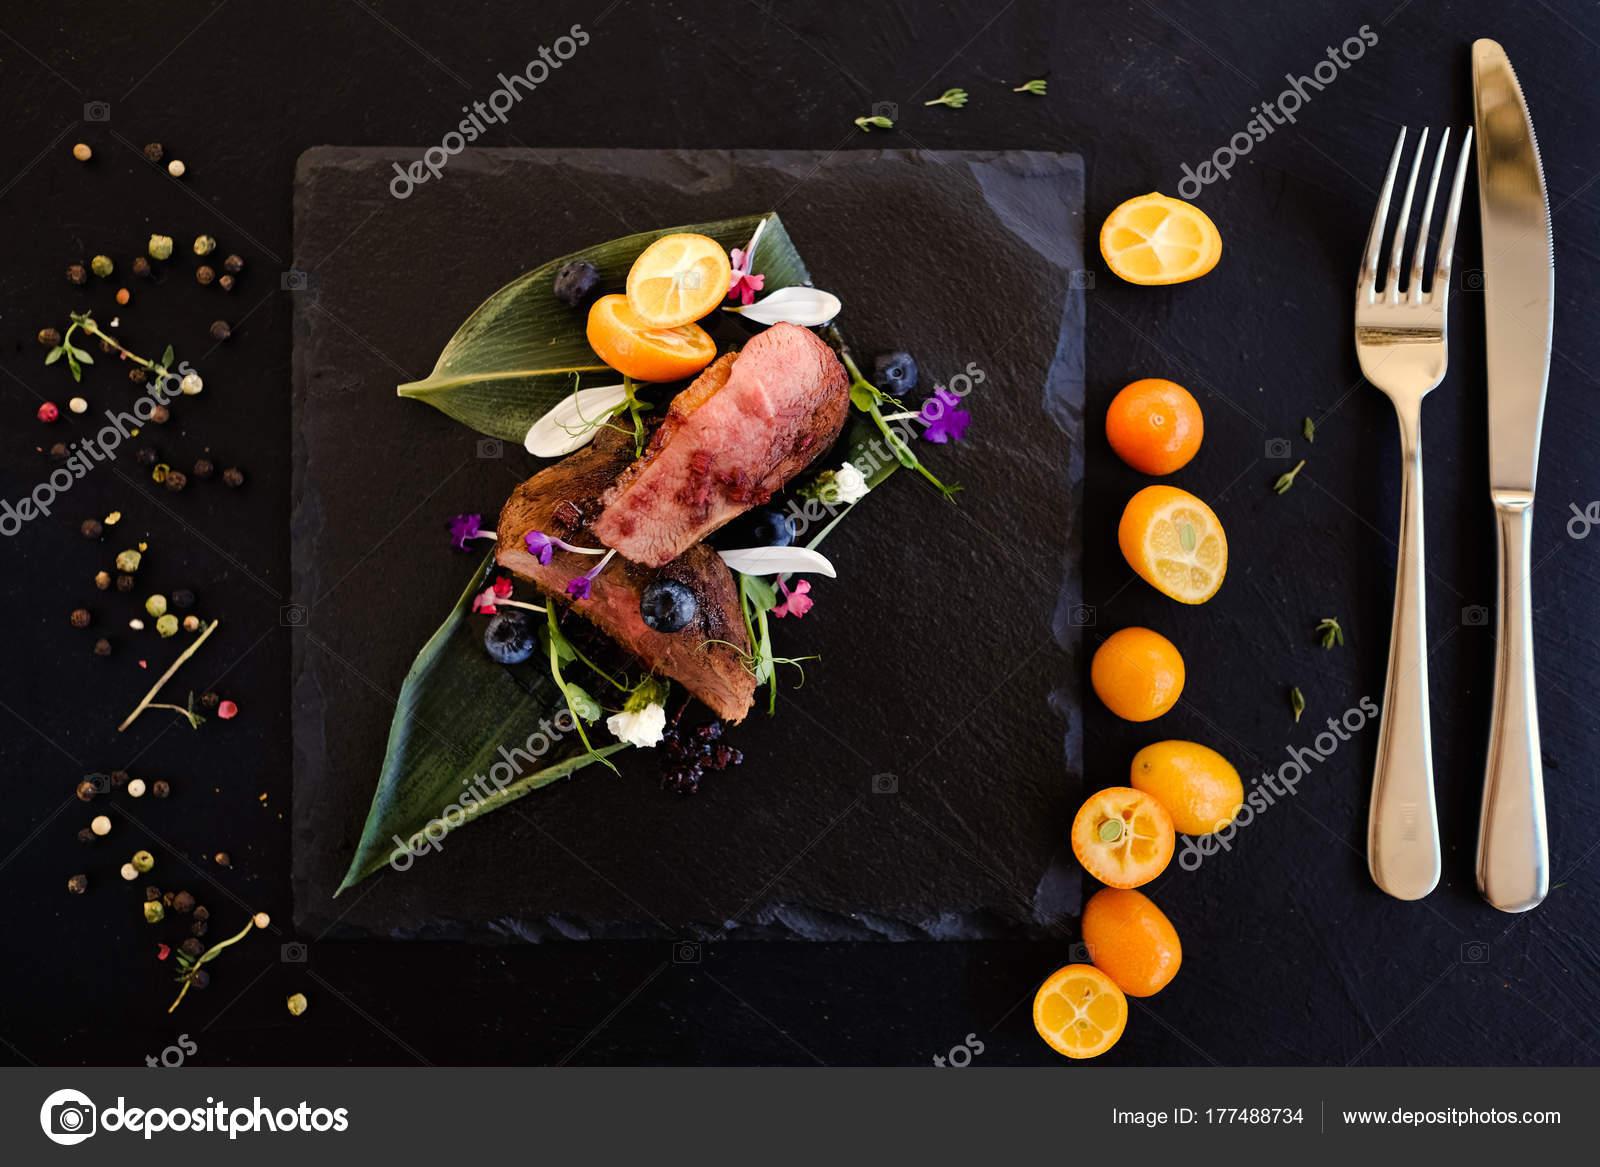 Receita De Comida Ex Tica Tail Ndia Cozinha Stock Photo